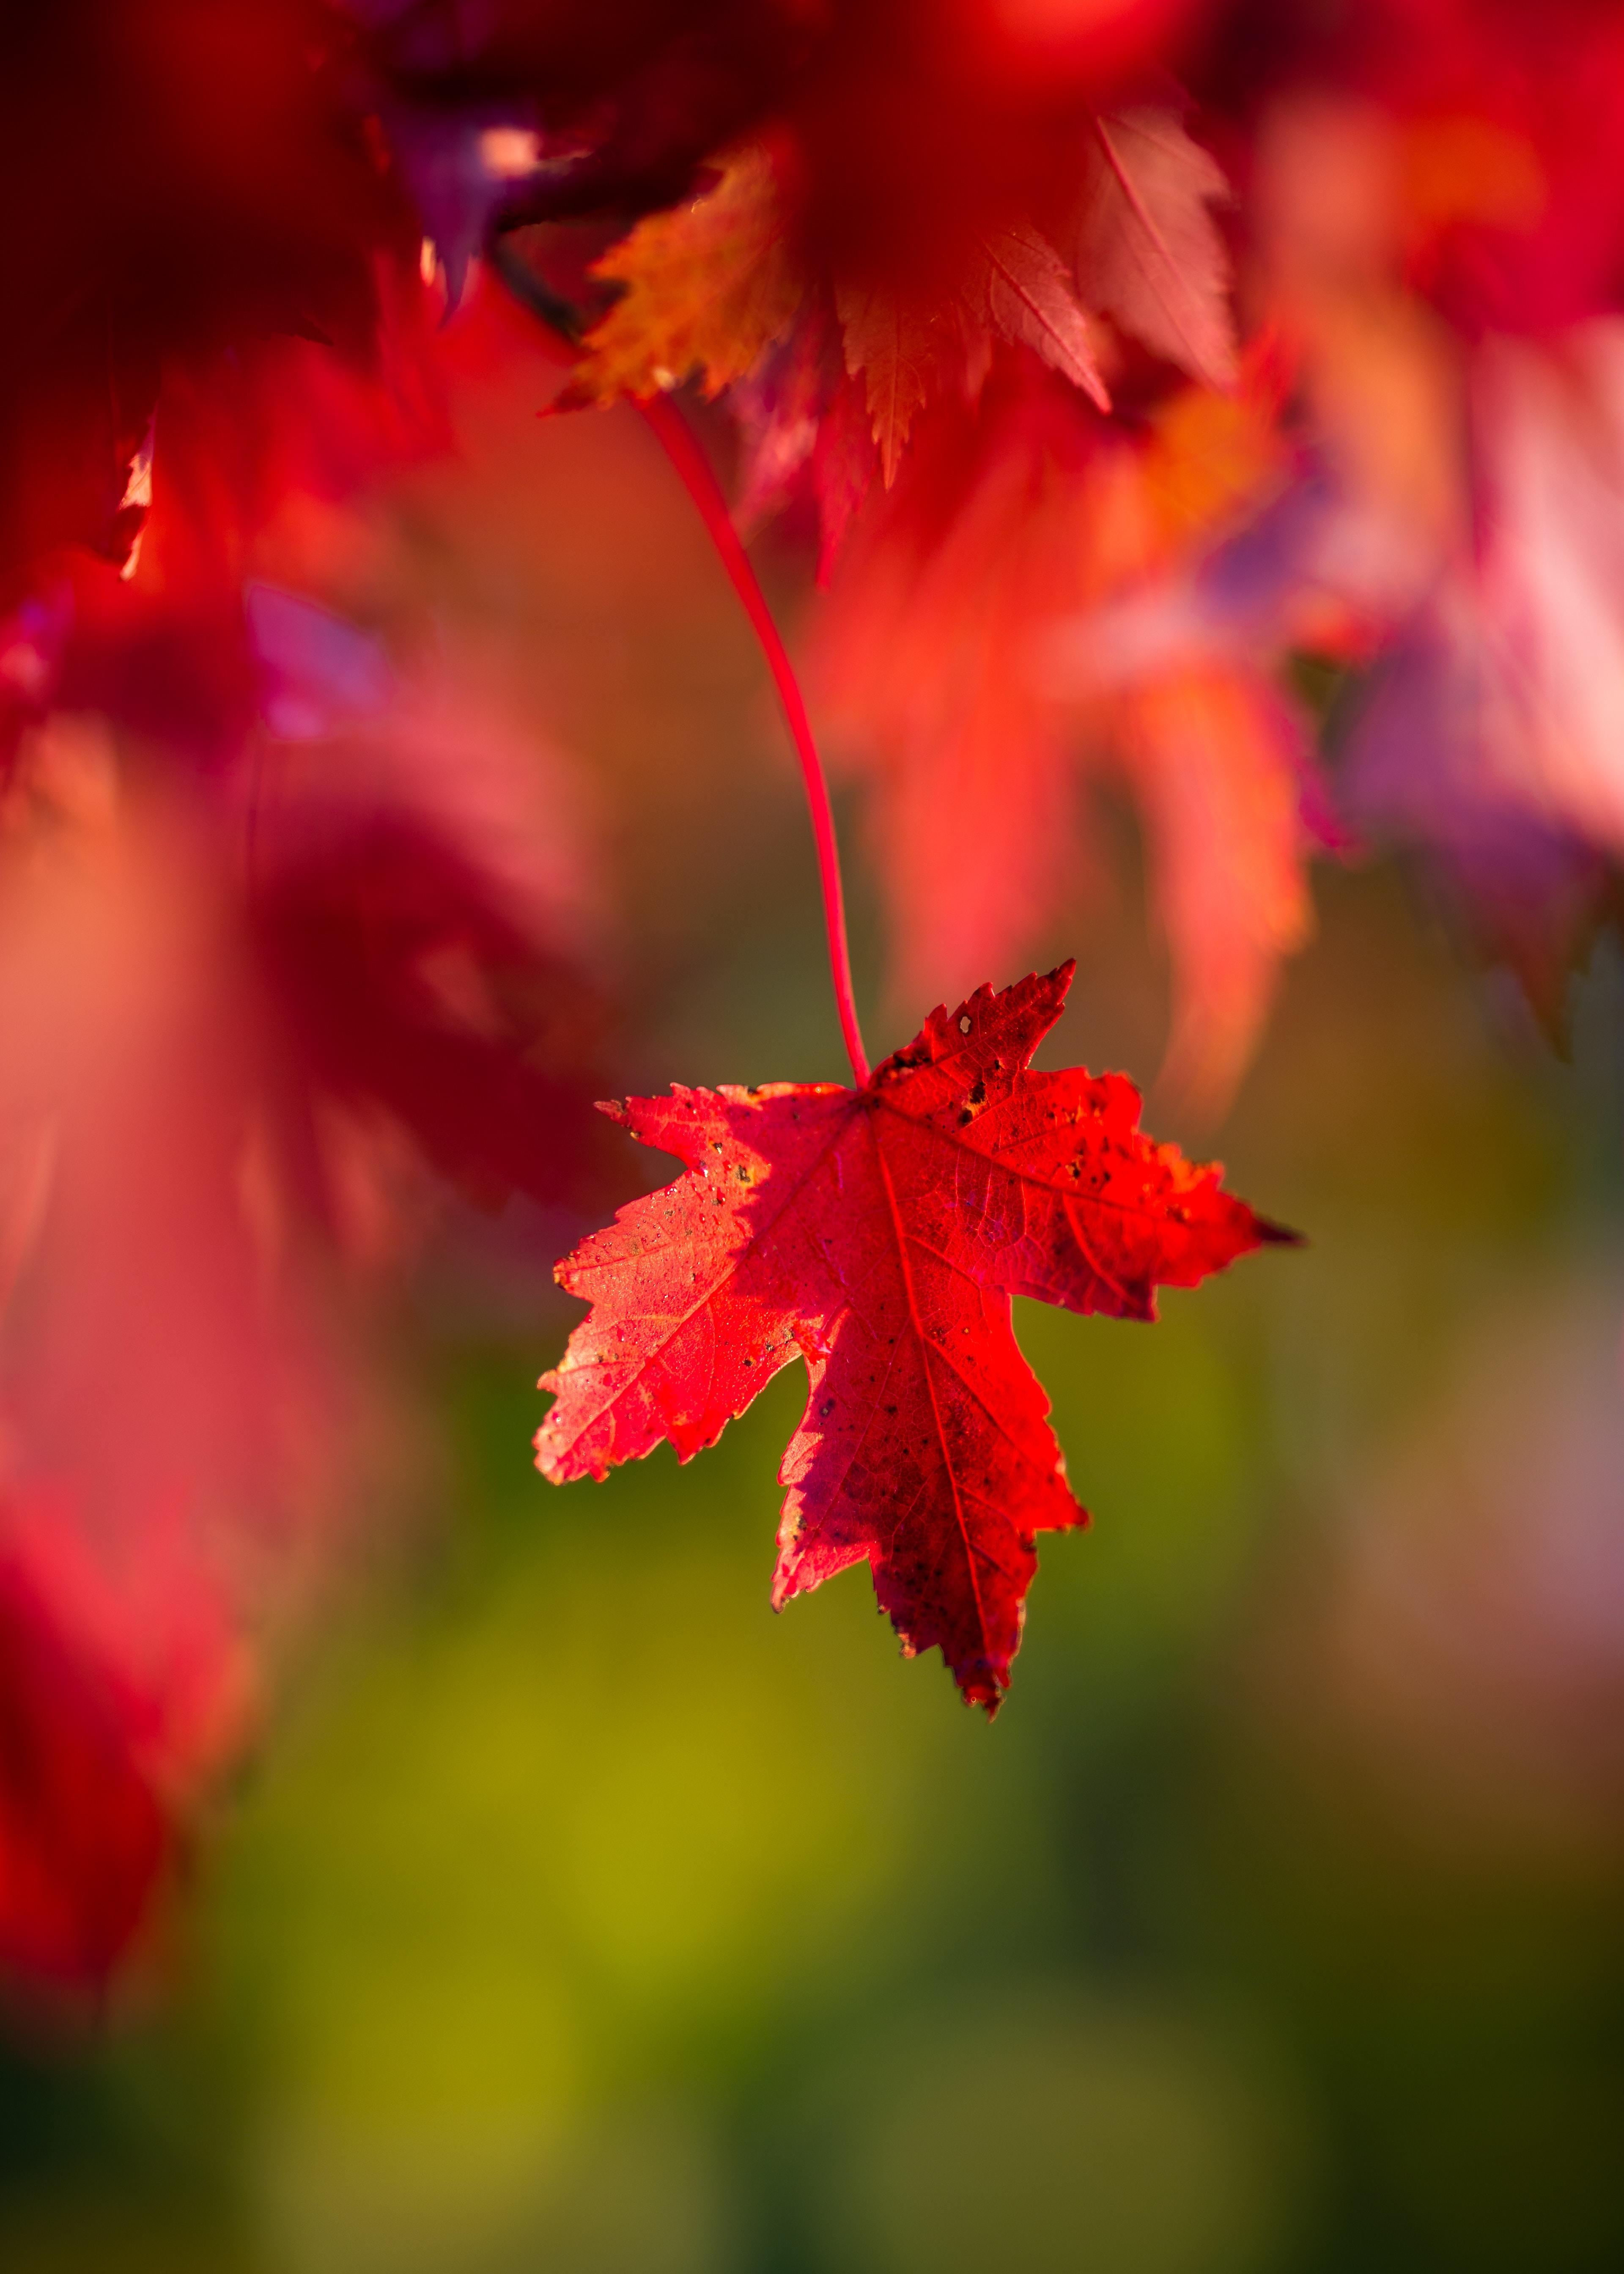 109607 скачать обои Макро, Листок, Красный, Осень - заставки и картинки бесплатно